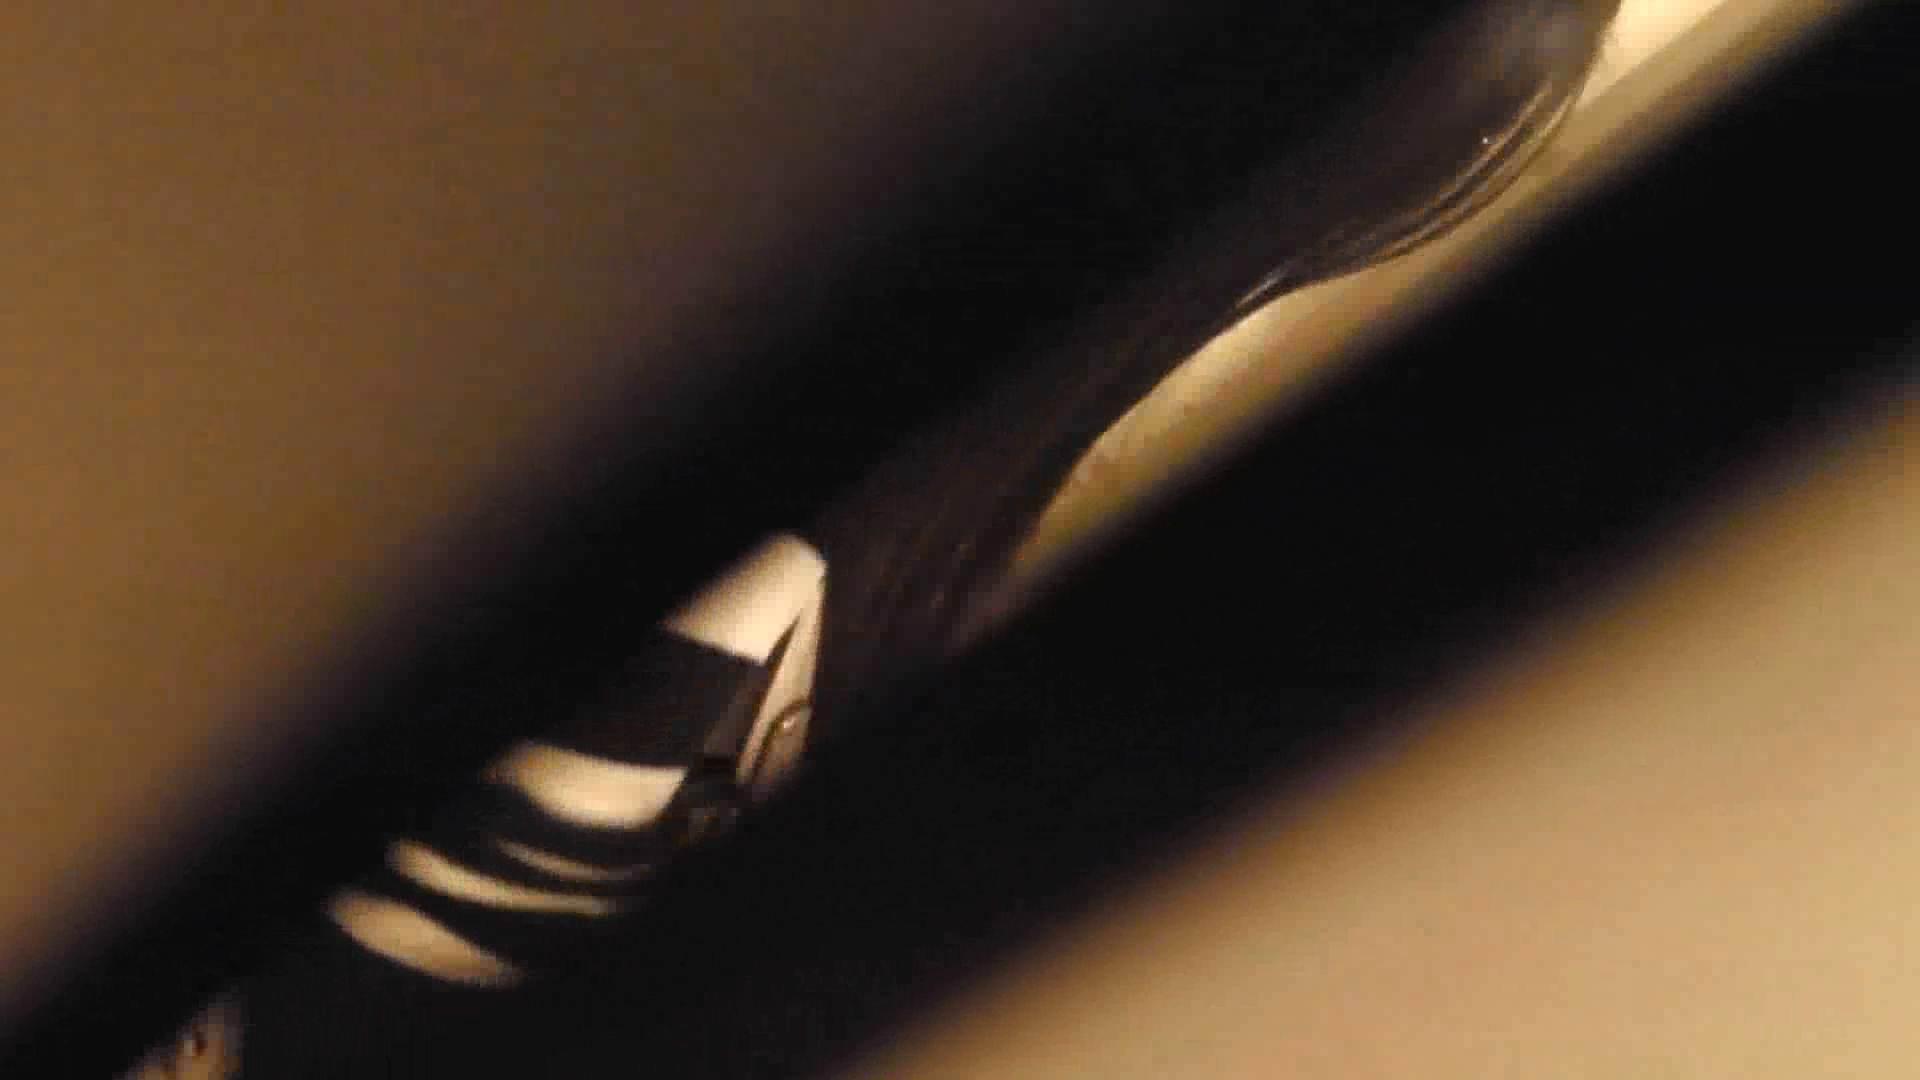 世界の射窓から vol.43 ソーニュー 色っぽいOL達  54pic 34